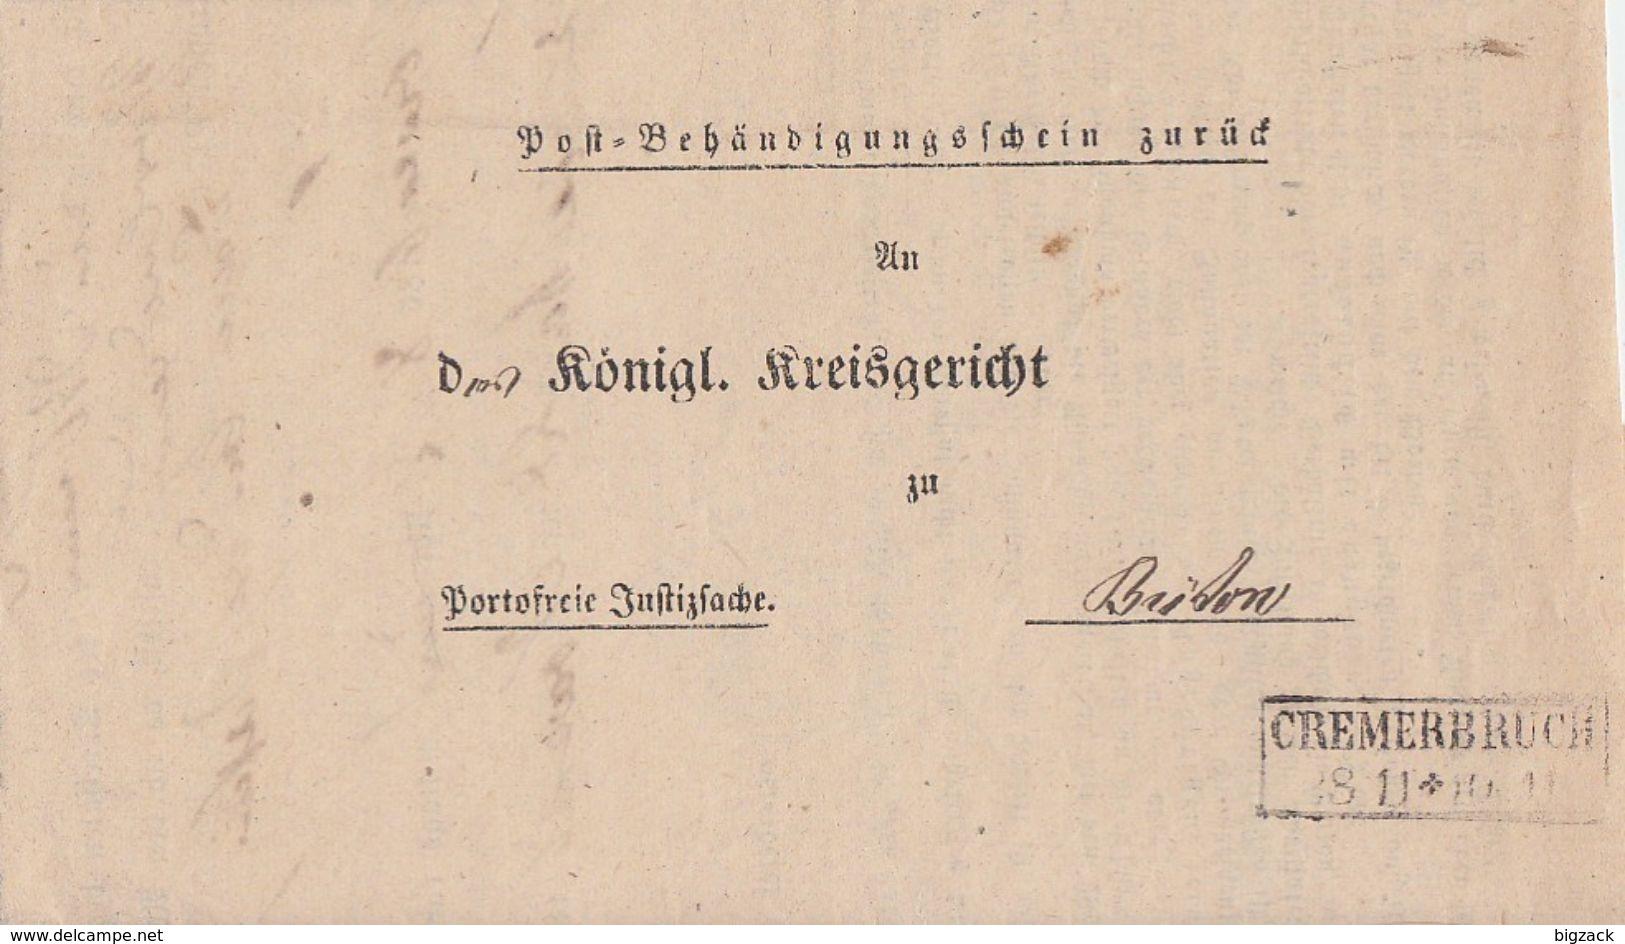 Preussen Post-Behändigungsschein R2 Cremerbruch 28.11.  Seltener Stempel !!!!!!!!!!! - Preussen